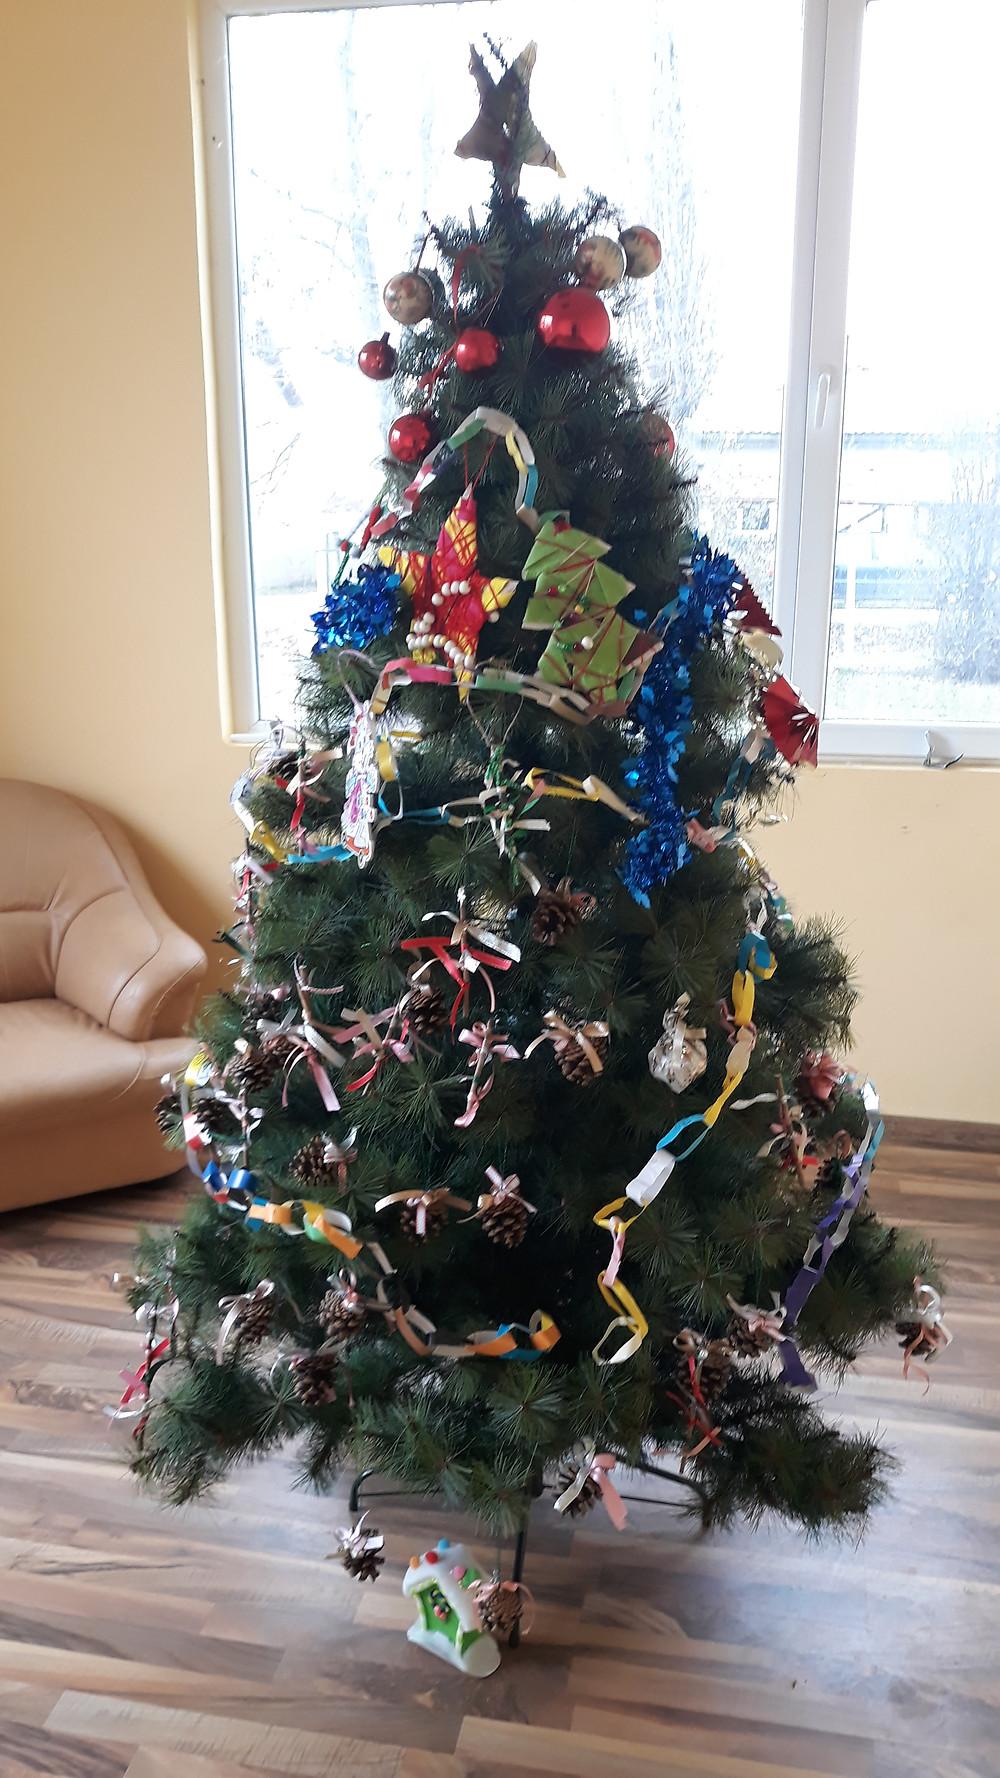 На 23. декември, в Къщата на семейството и общността,  с. Калитиново, една зелена елха заблестя в празнична премяна. Красивите  играчки, поставени по нейните клонки, бяха изработени в  Коледотворителницата в КЪЩАТА от децата и техните родители.